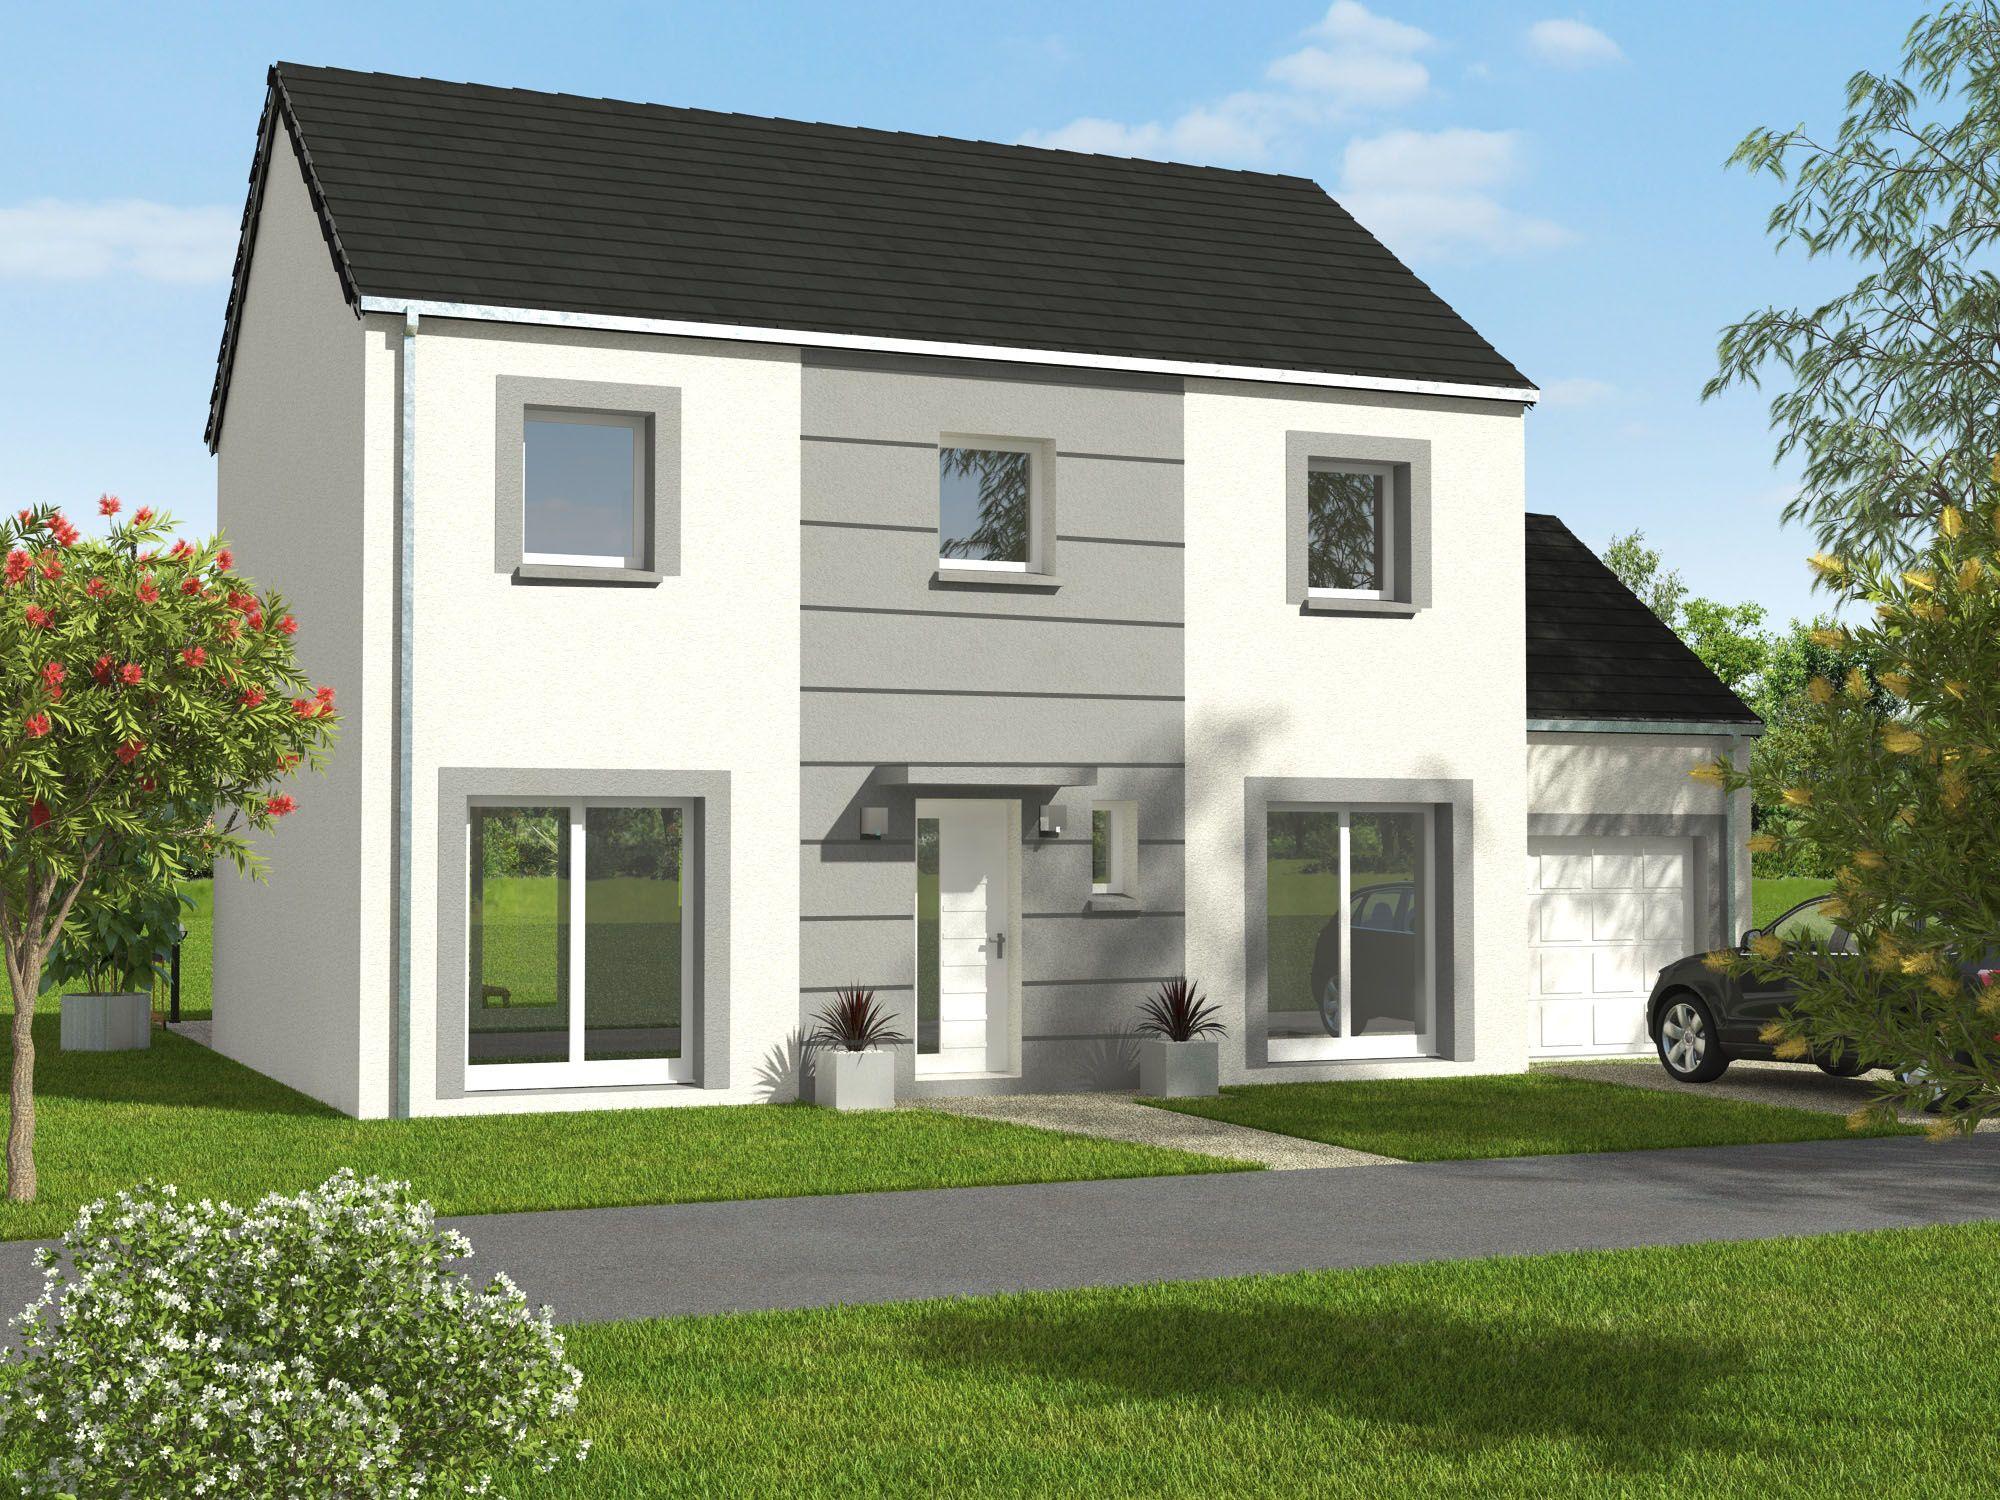 Maisons + Terrains du constructeur Les Maisons Lelievre • 116 m² • LA FERTE BERNARD